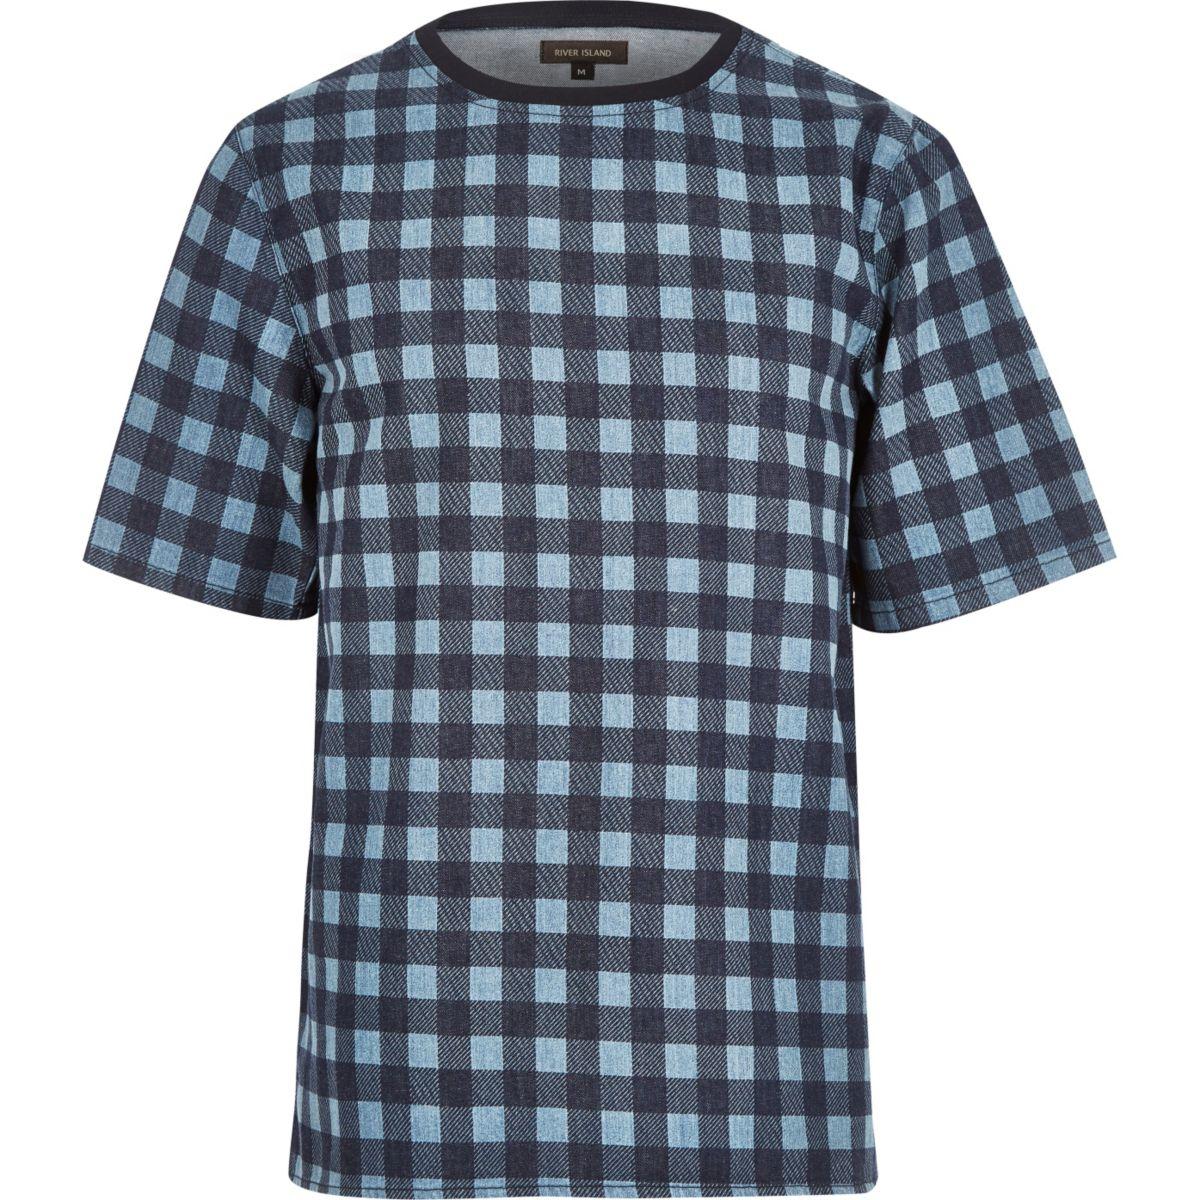 Blauw geruit T-shirt met korte mouwen